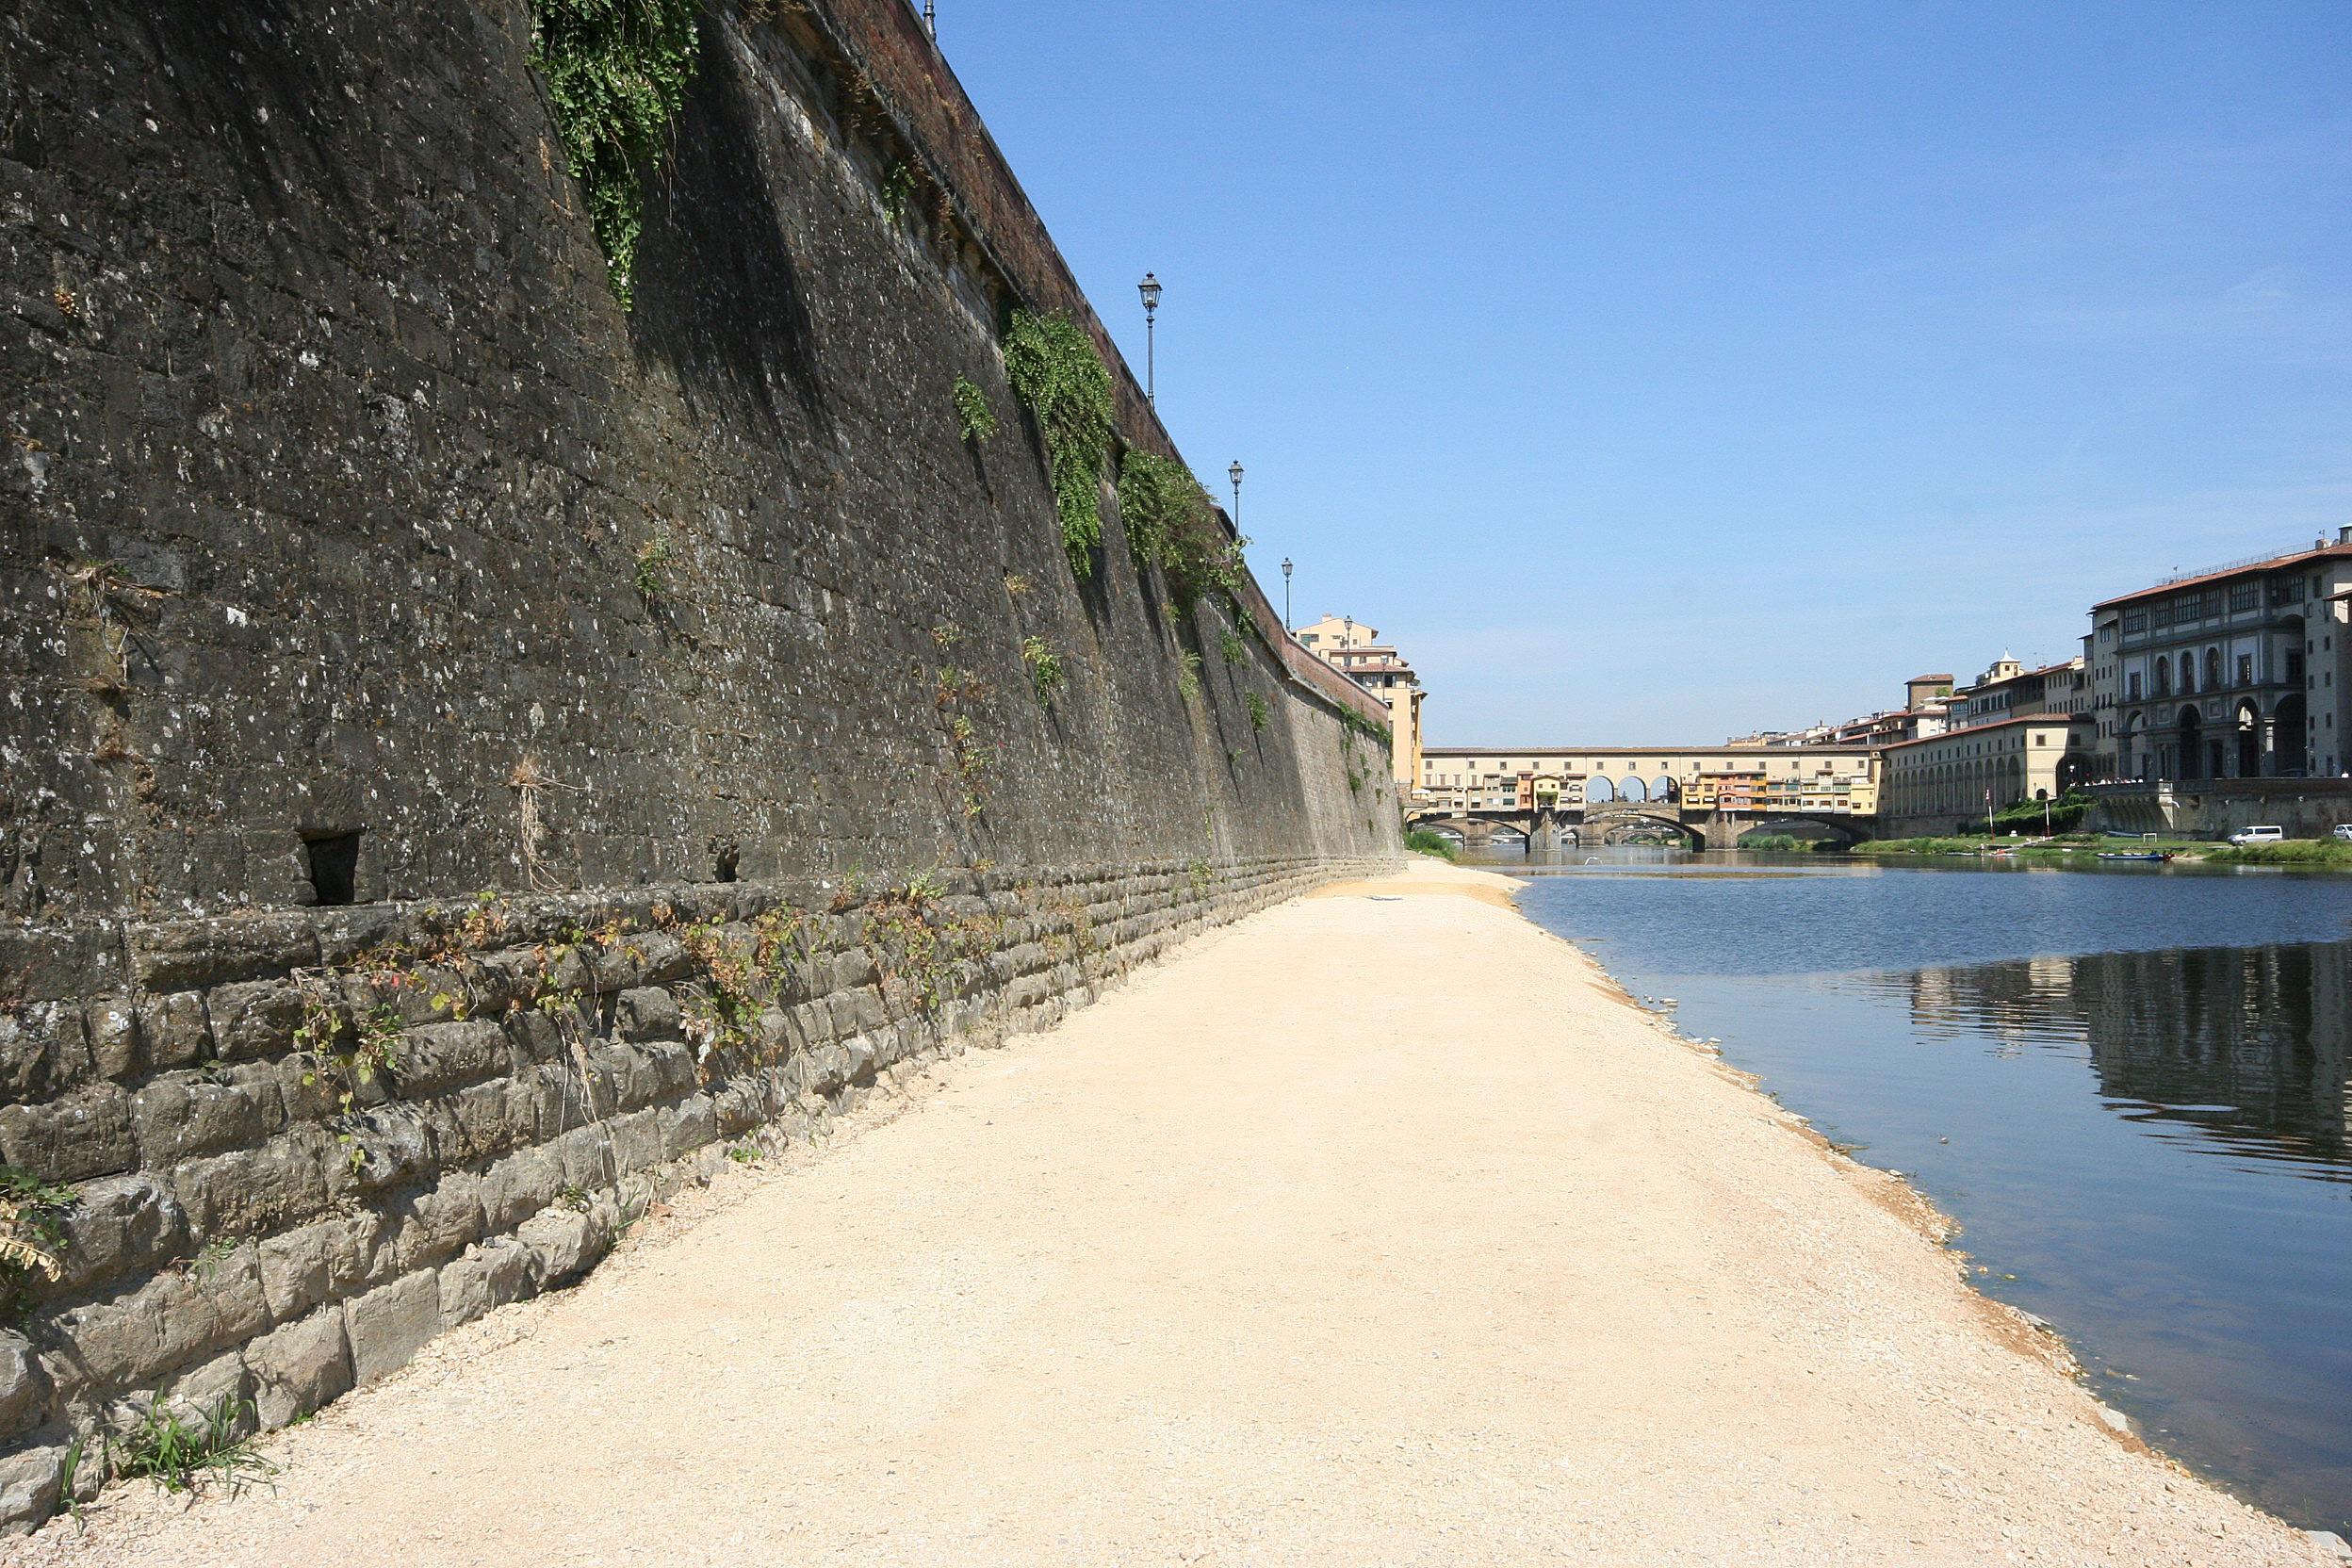 Ponte Vecchio dalle rive del fiume a Firenze, Toscana